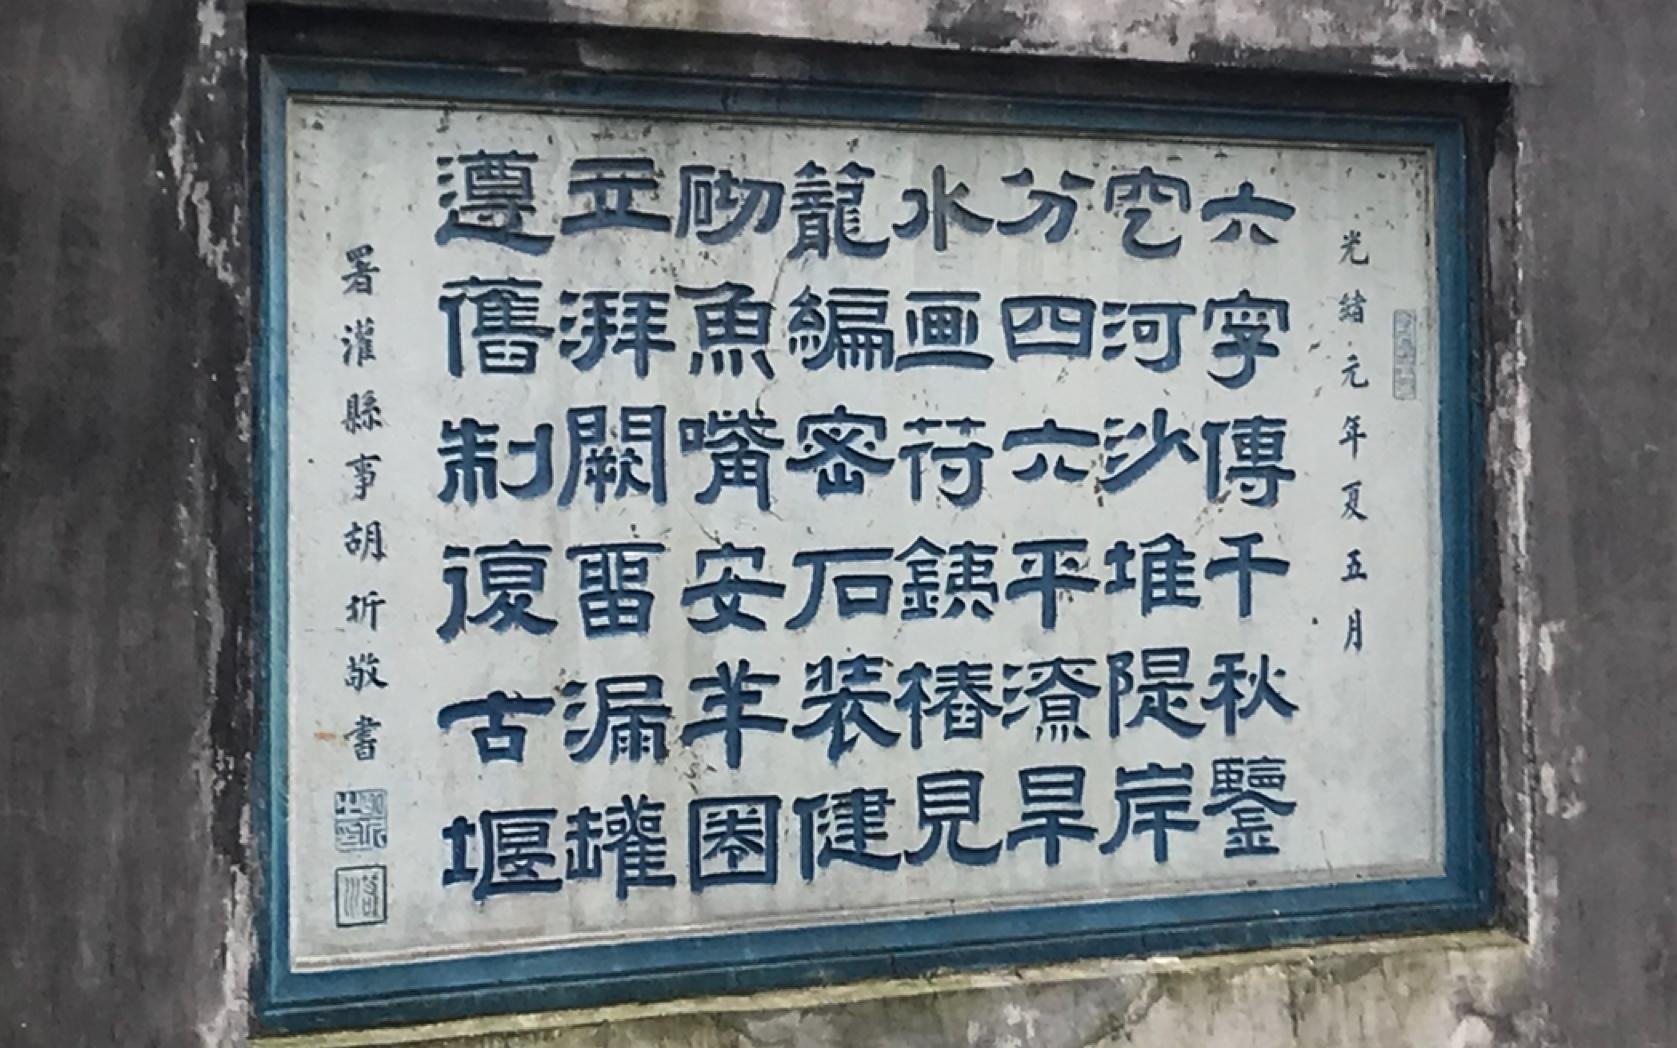 【人文】拜水都江堰,问道青城山